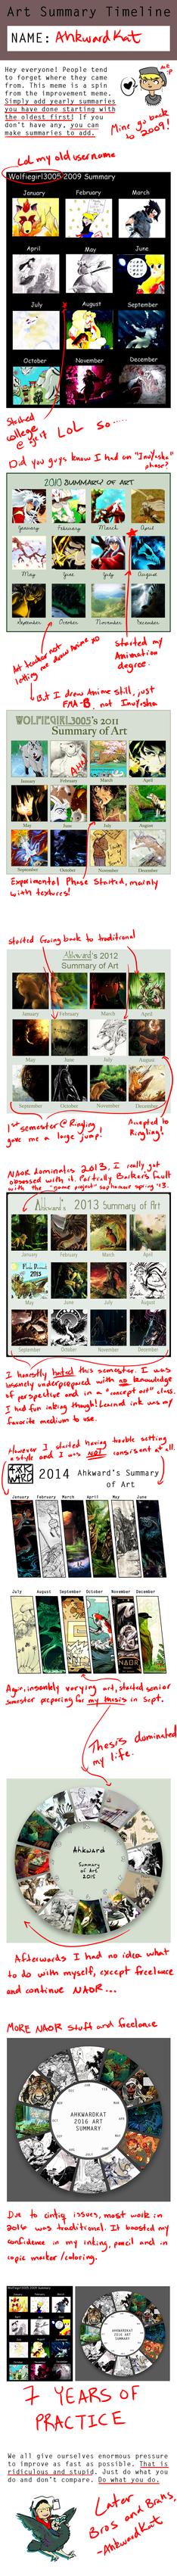 Summaries Meme 2009-2016 by Ahkward